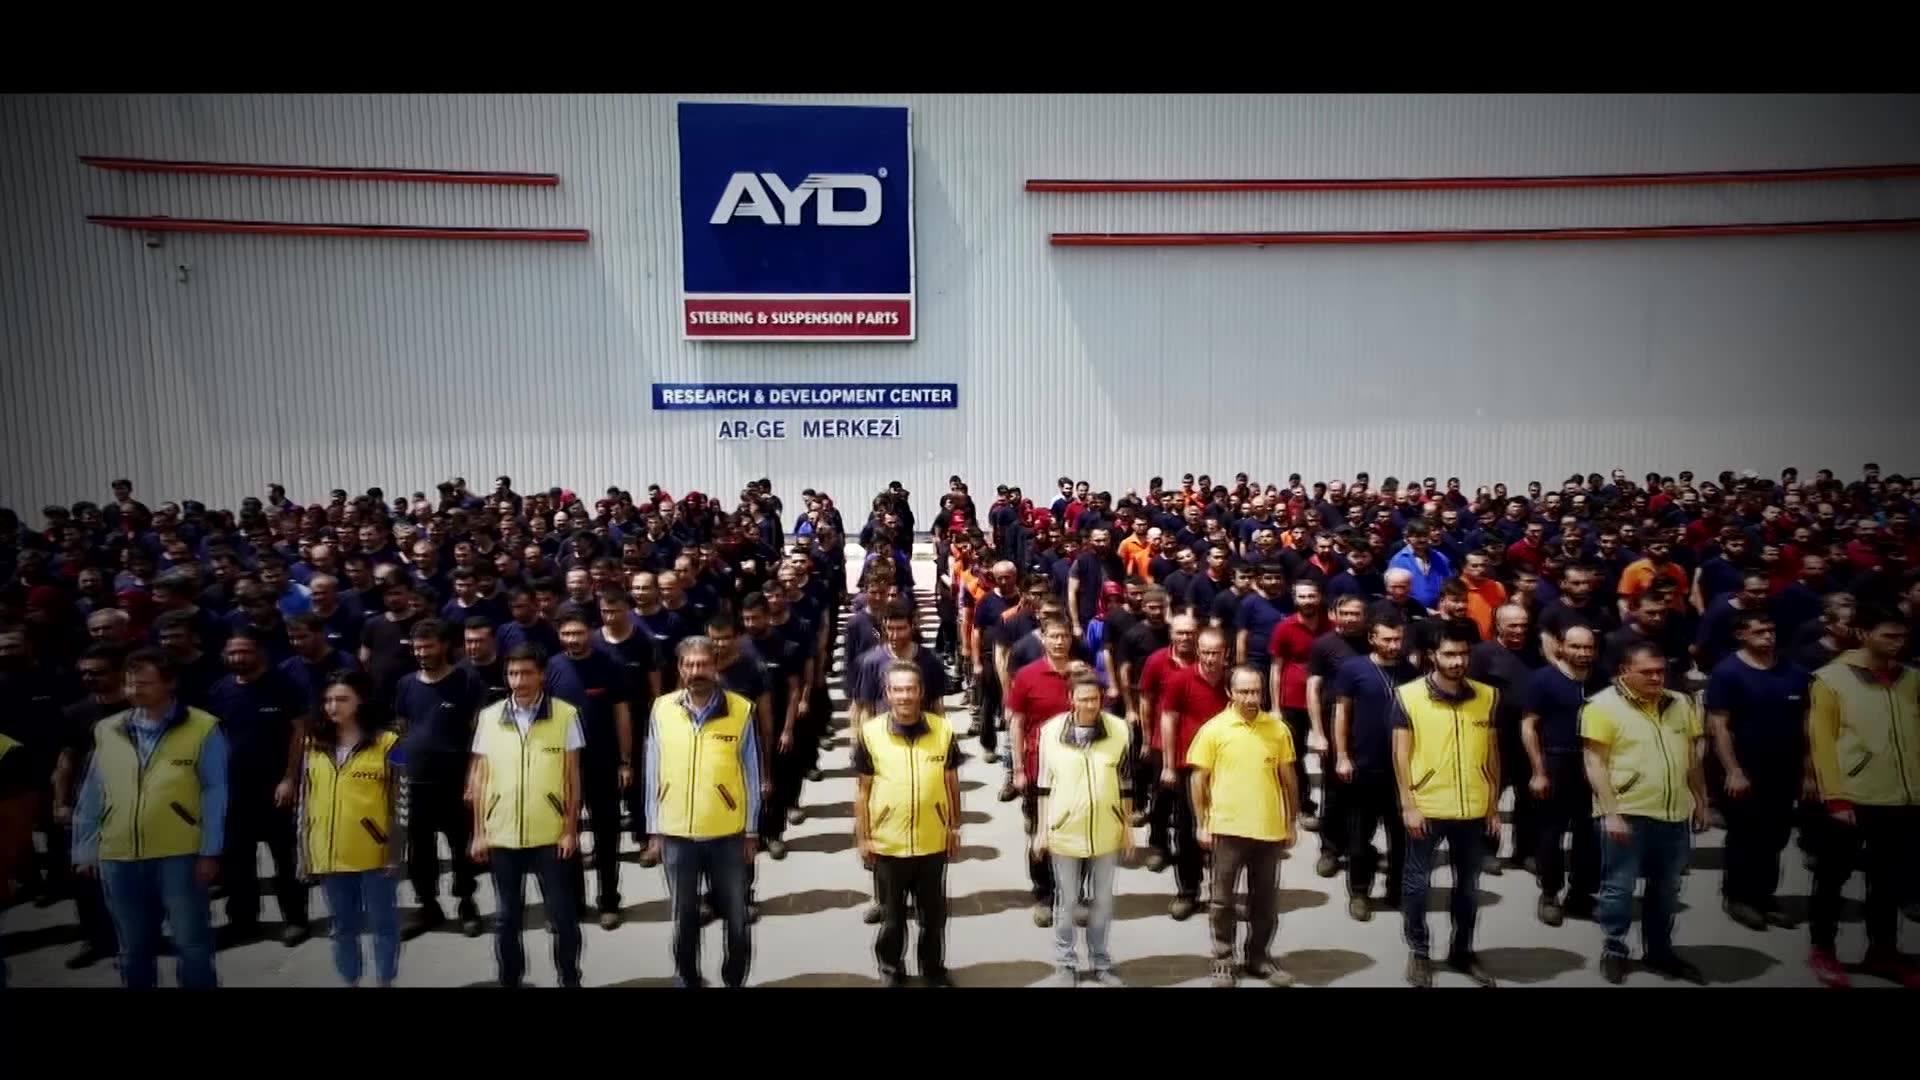 Ayd Otomotiv Endüstri San. Tic. A.ş